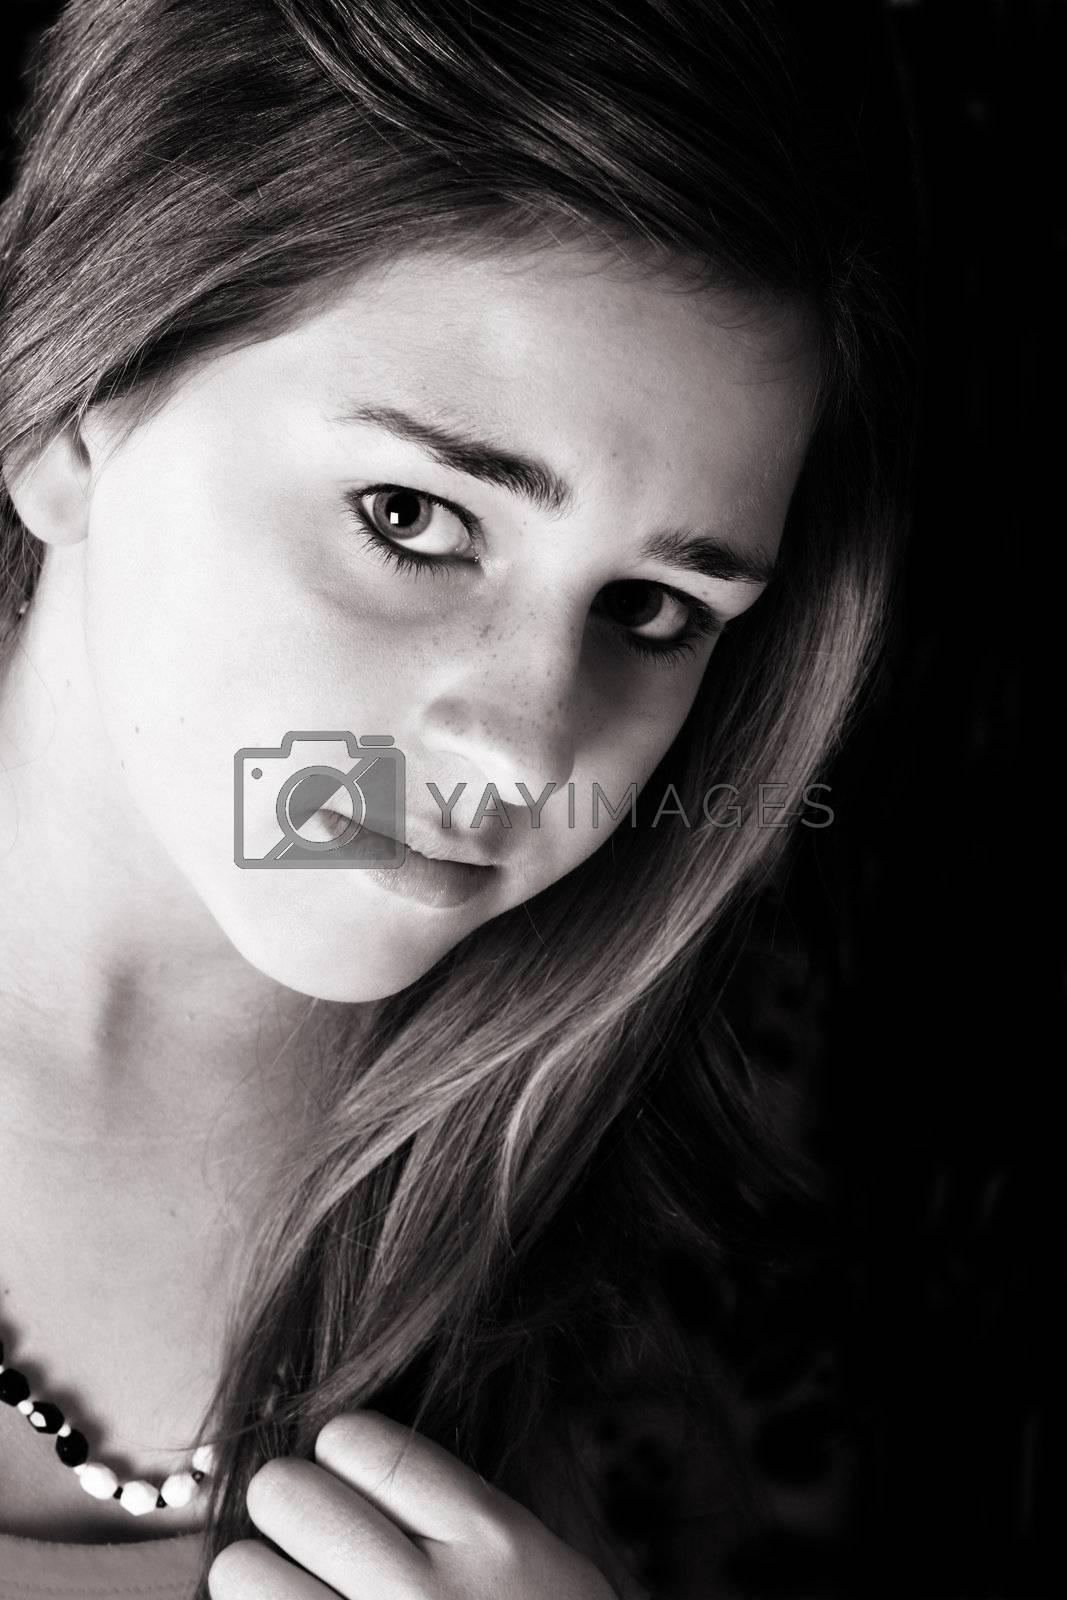 Beautiful teenage female against a black background